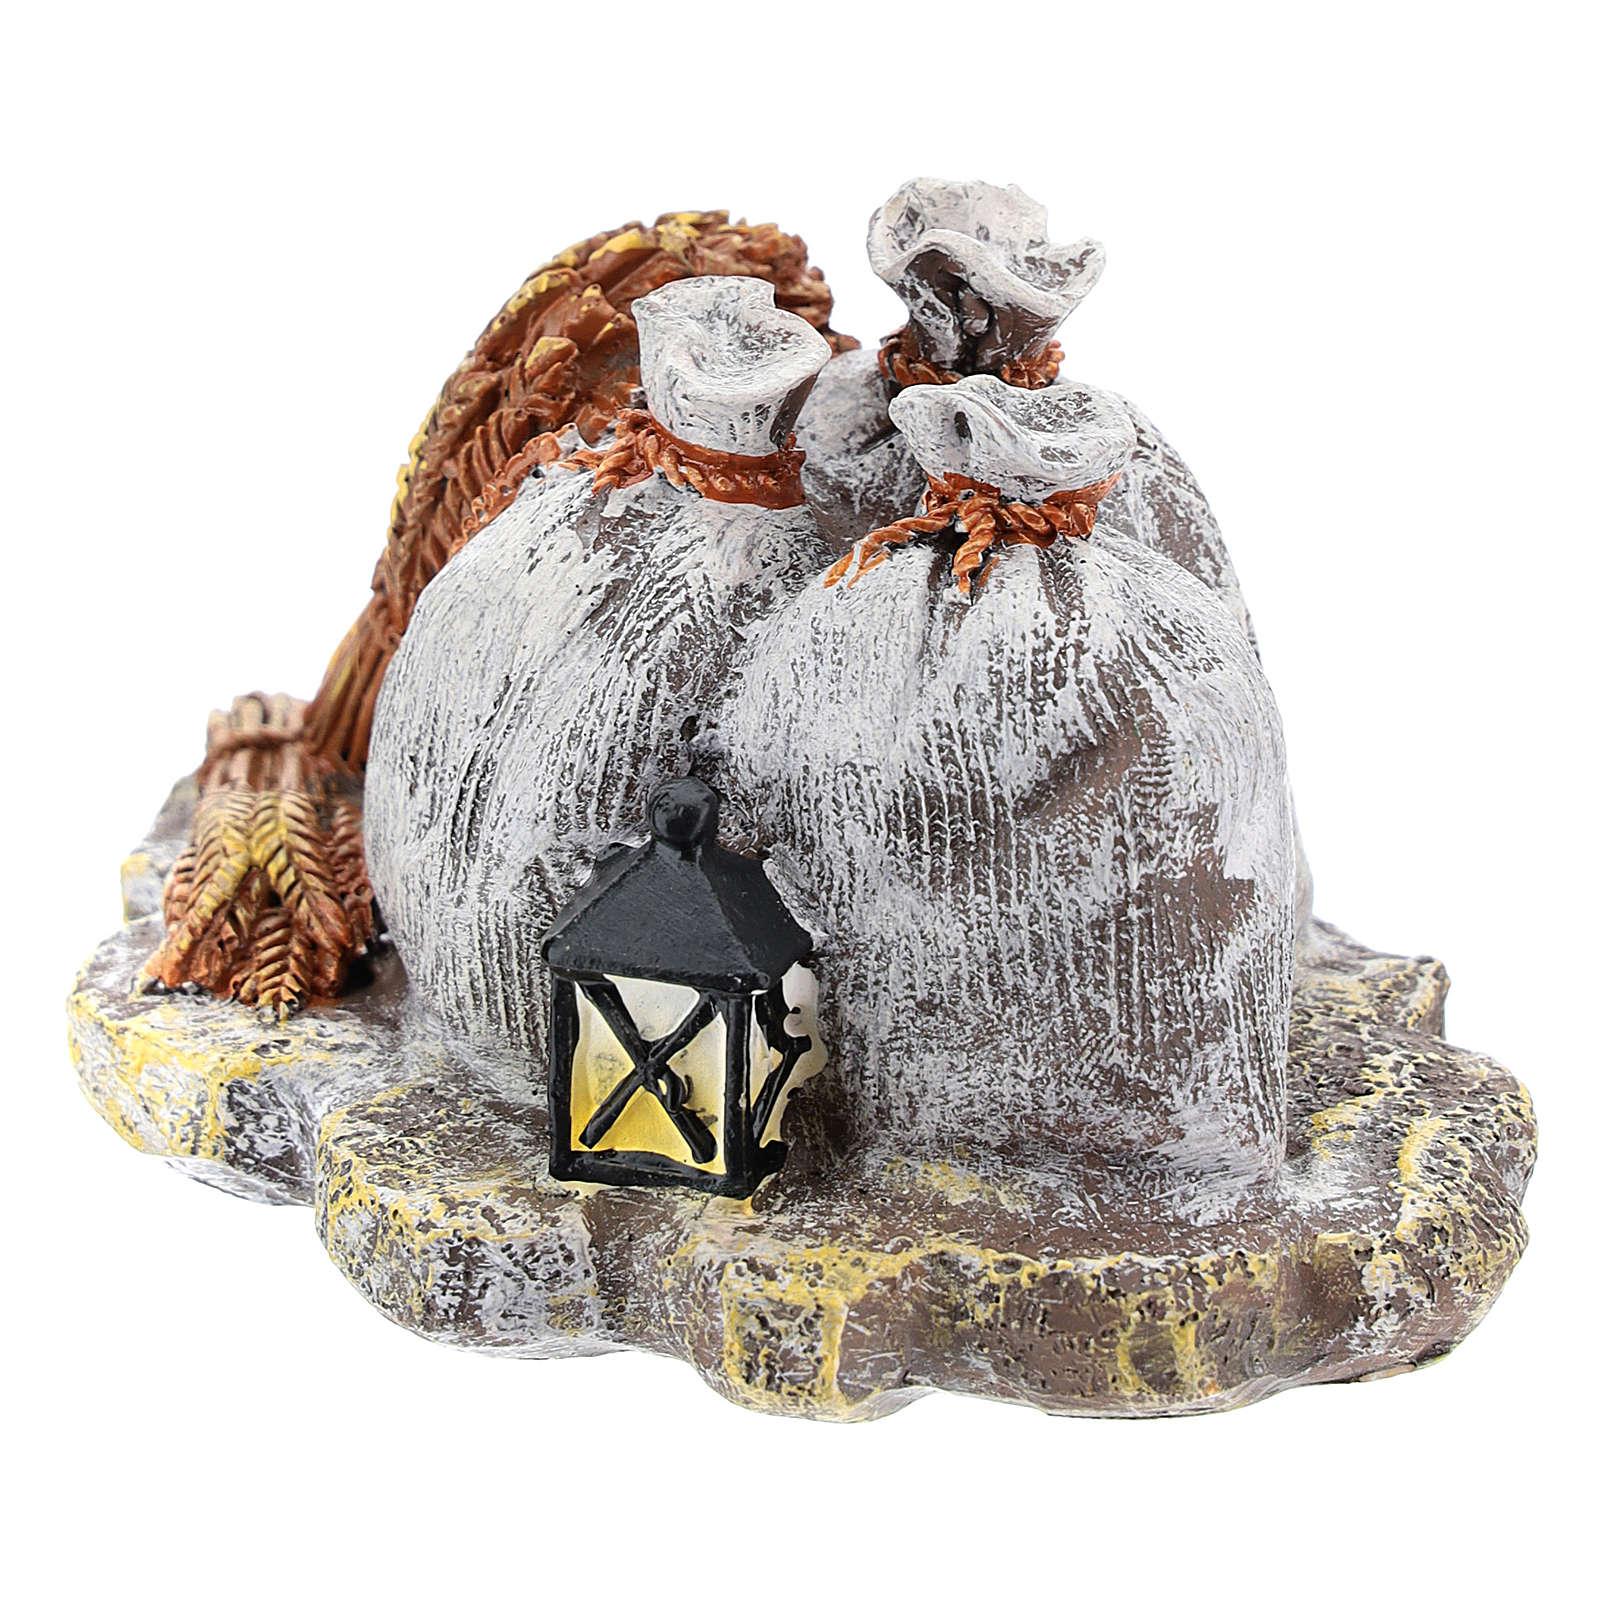 Décor avec sacs et lanterne en résine bricolage crèche 8-10 cm 4